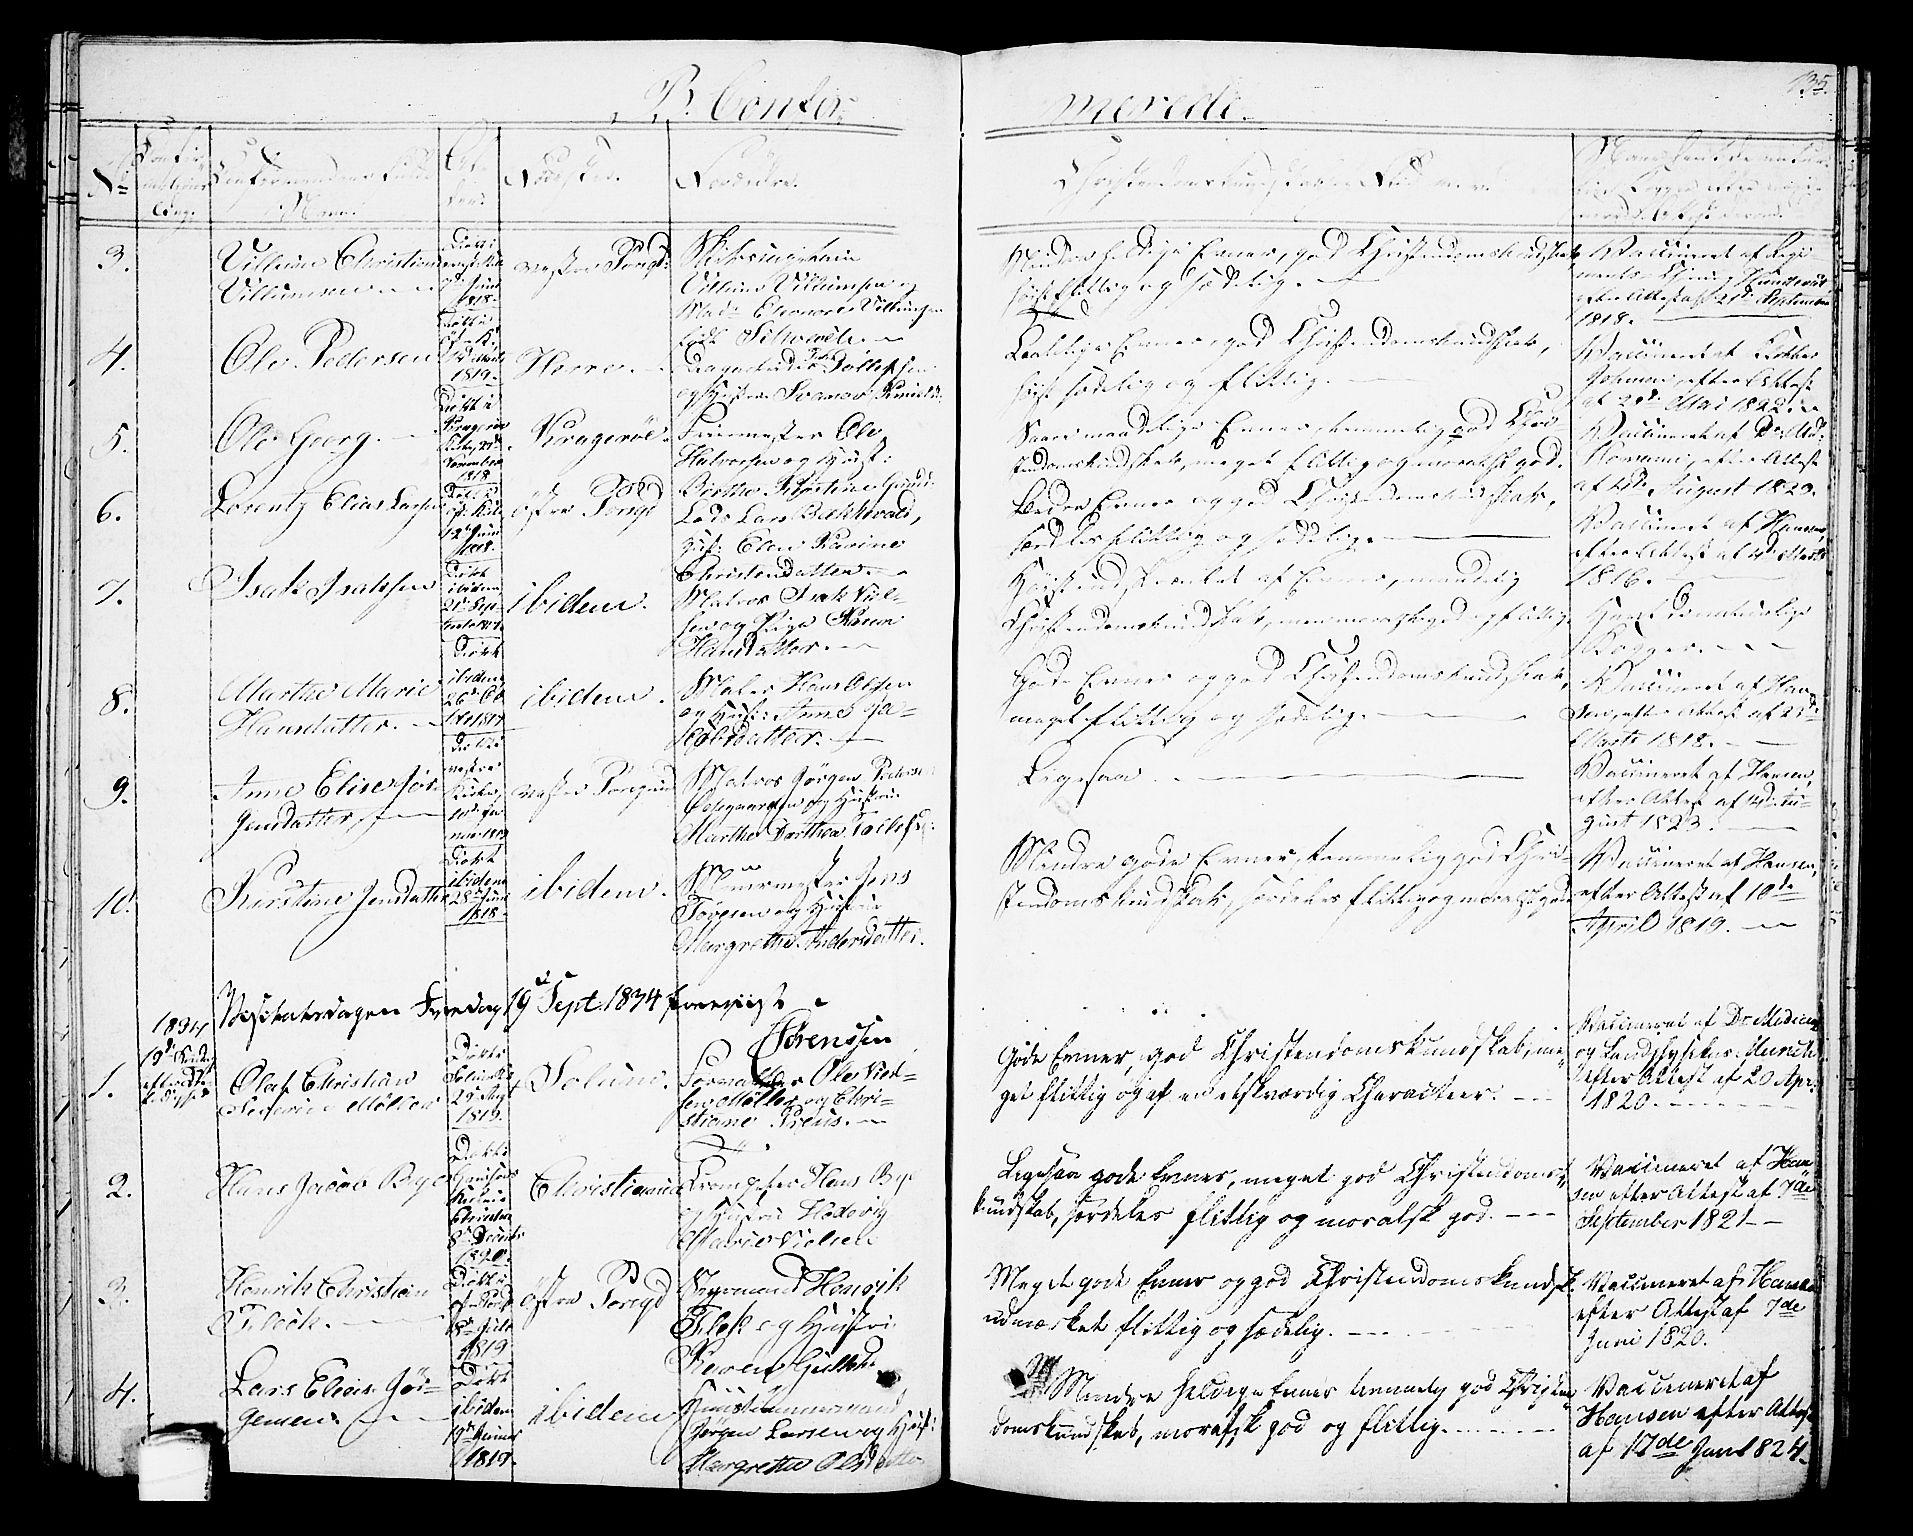 SAKO, Porsgrunn kirkebøker , G/Gb/L0002: Klokkerbok nr. II 2, 1828-1841, s. 135